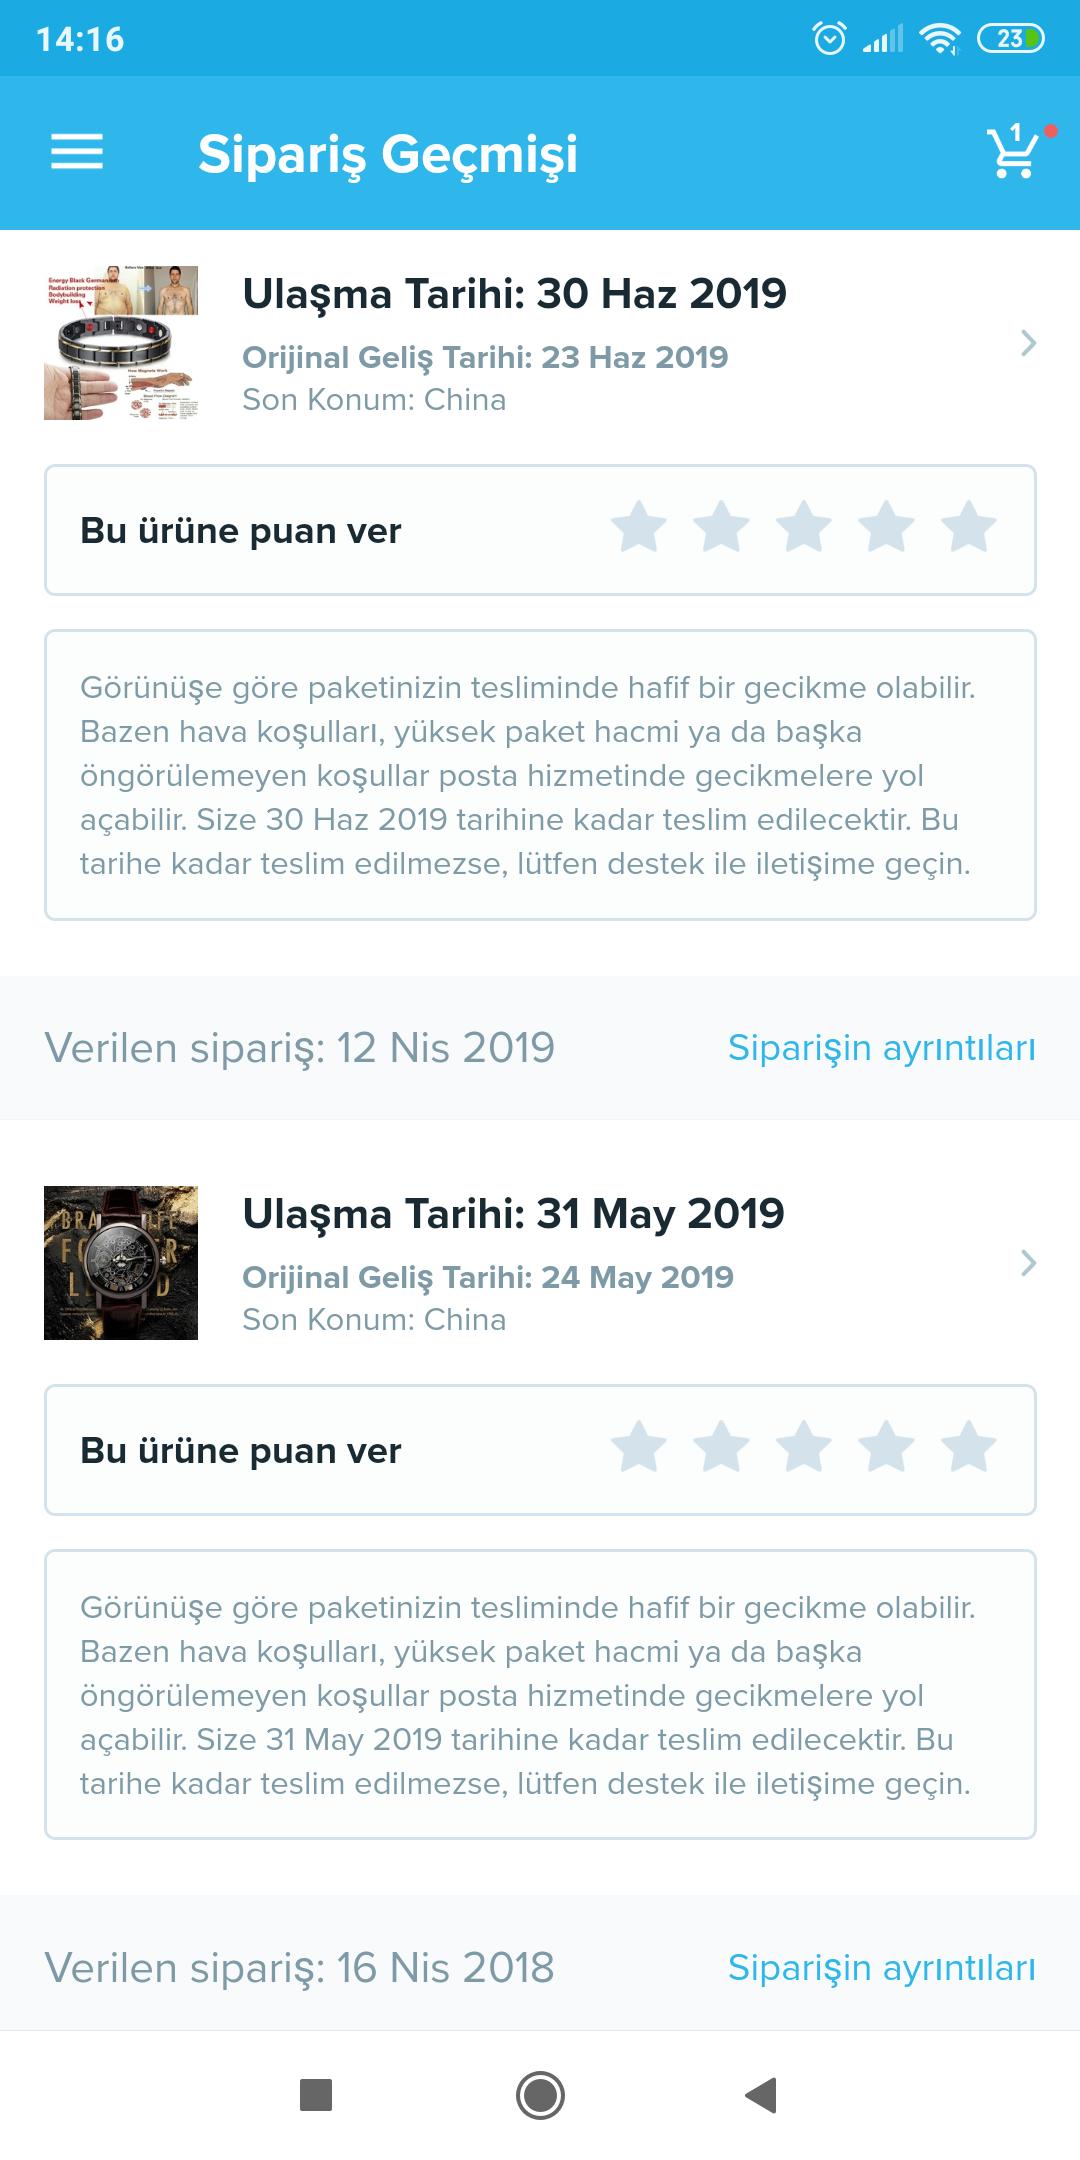 screenshot_2019-10-11-14-16-49-838_com.contextlogic.wish